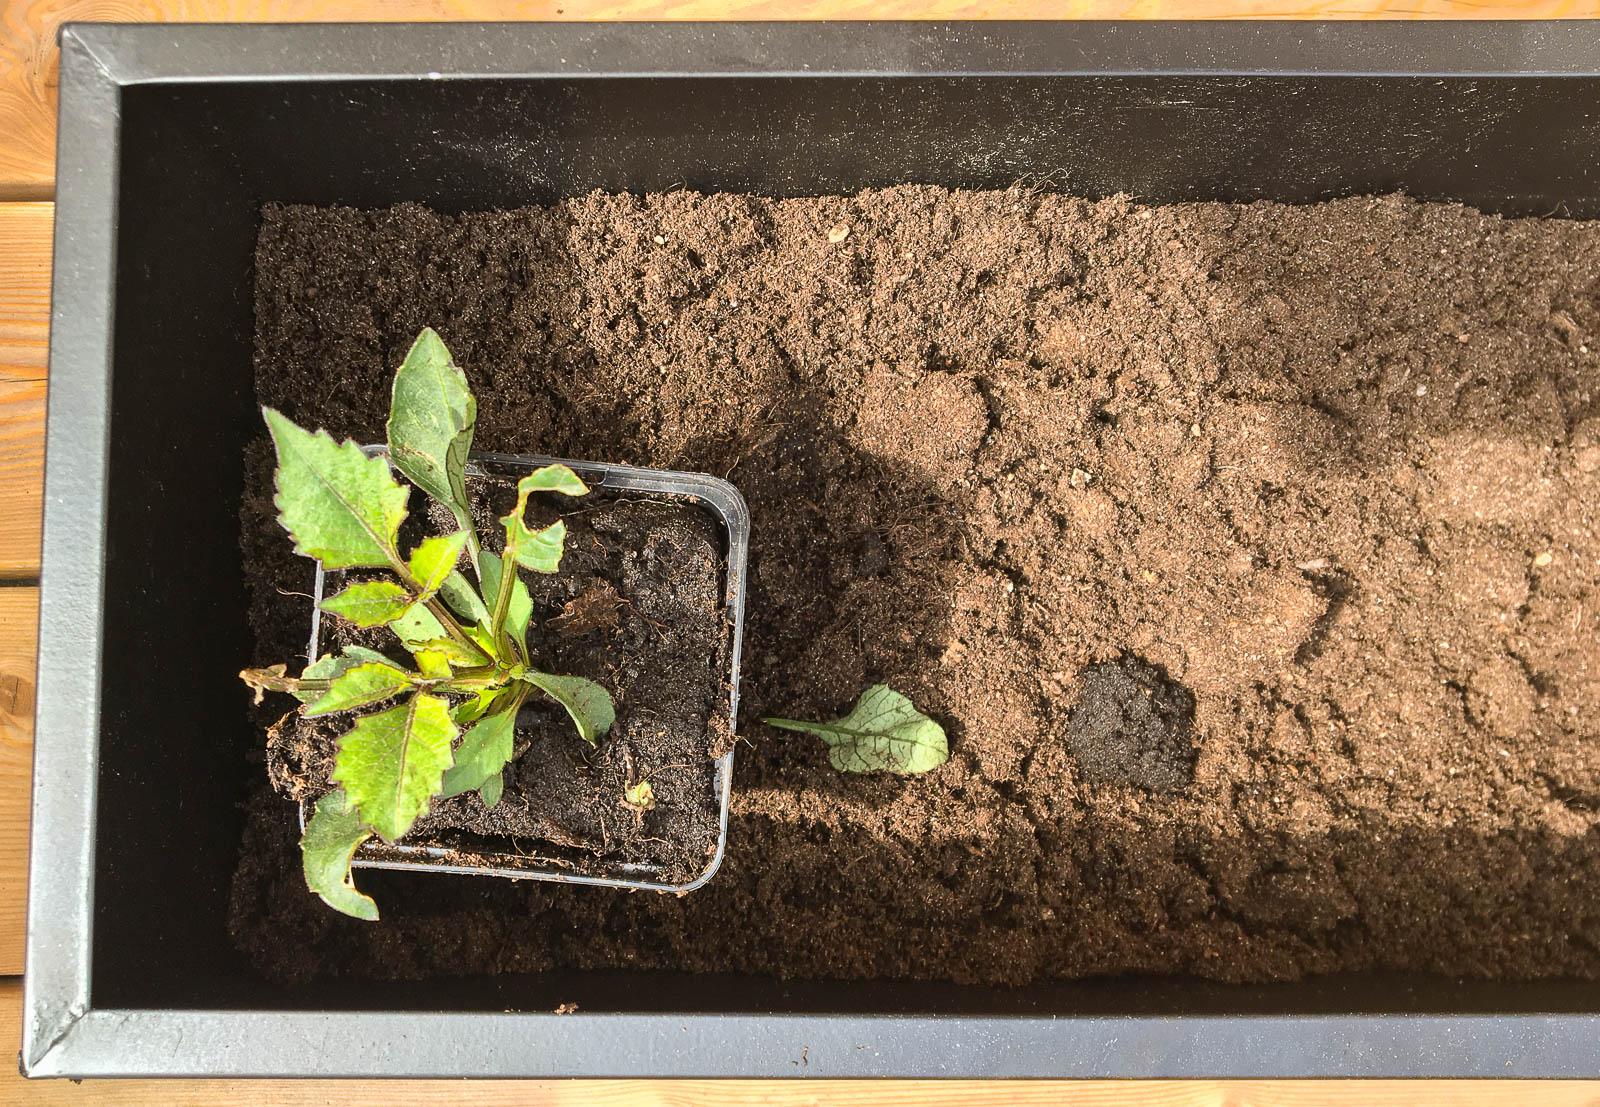 Fyll en större behållare med välgödslad planteringsjord. Och se till att växterna har rejält stora krukor att bo i.